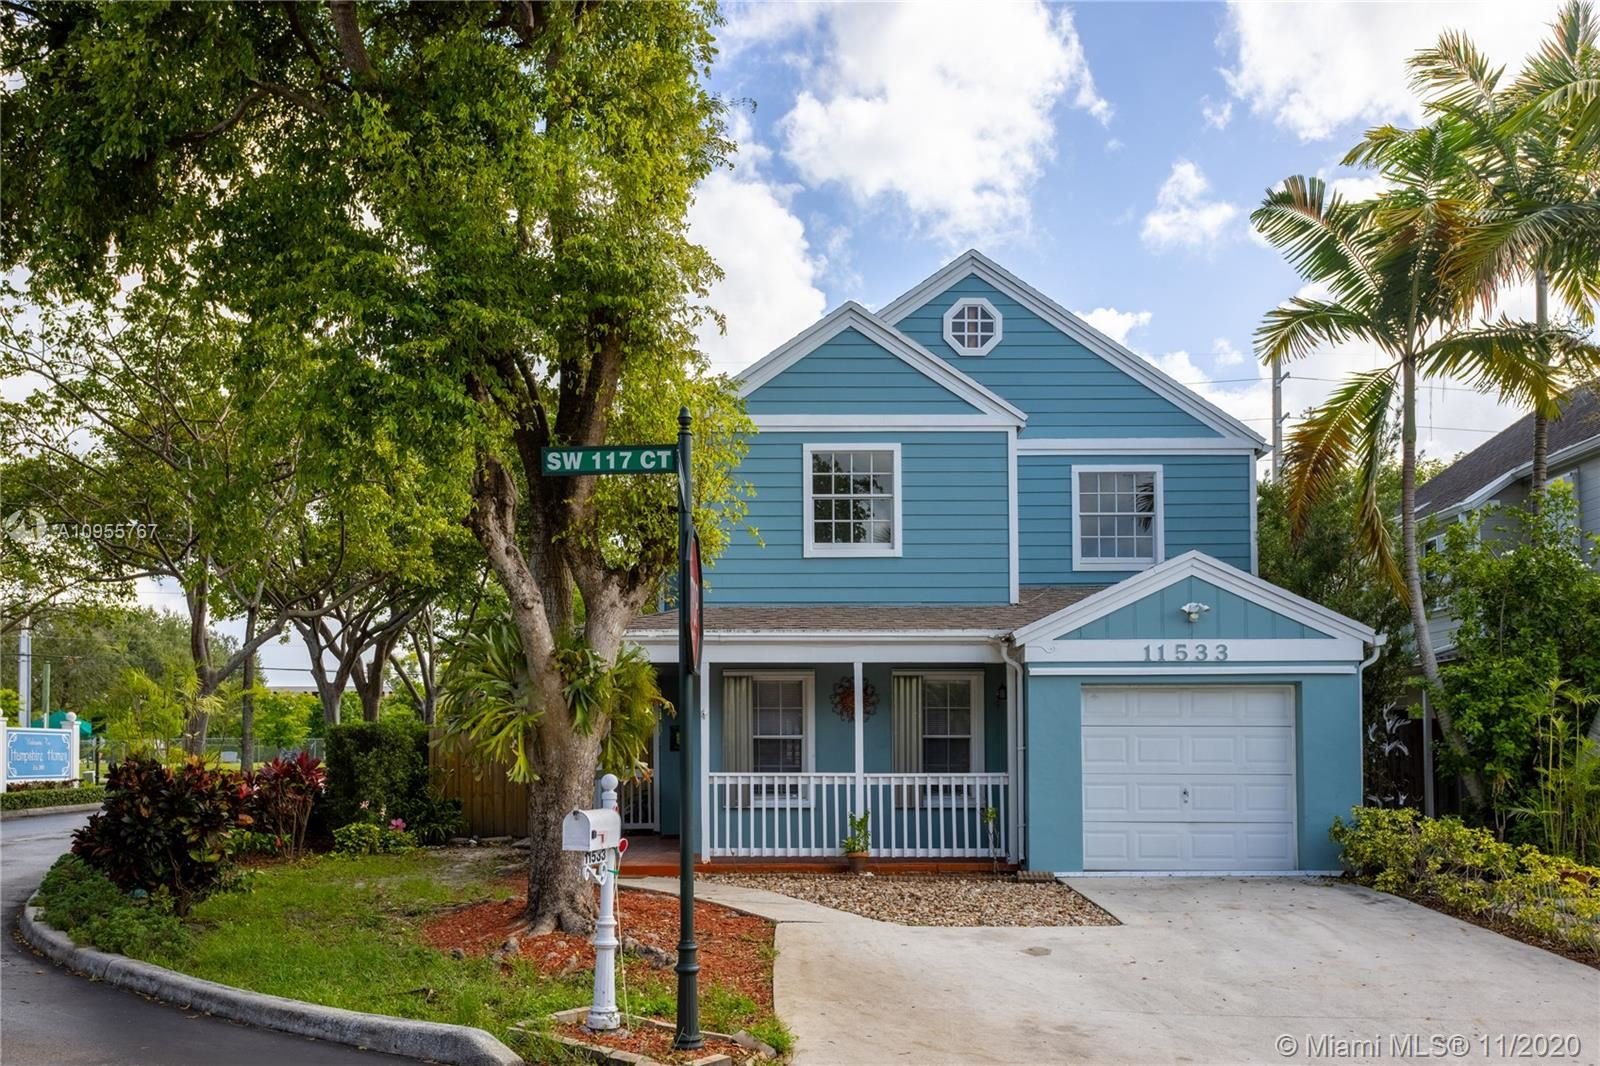 11533 SW 117th Ct, Miami, FL 33186 - #: A10955767